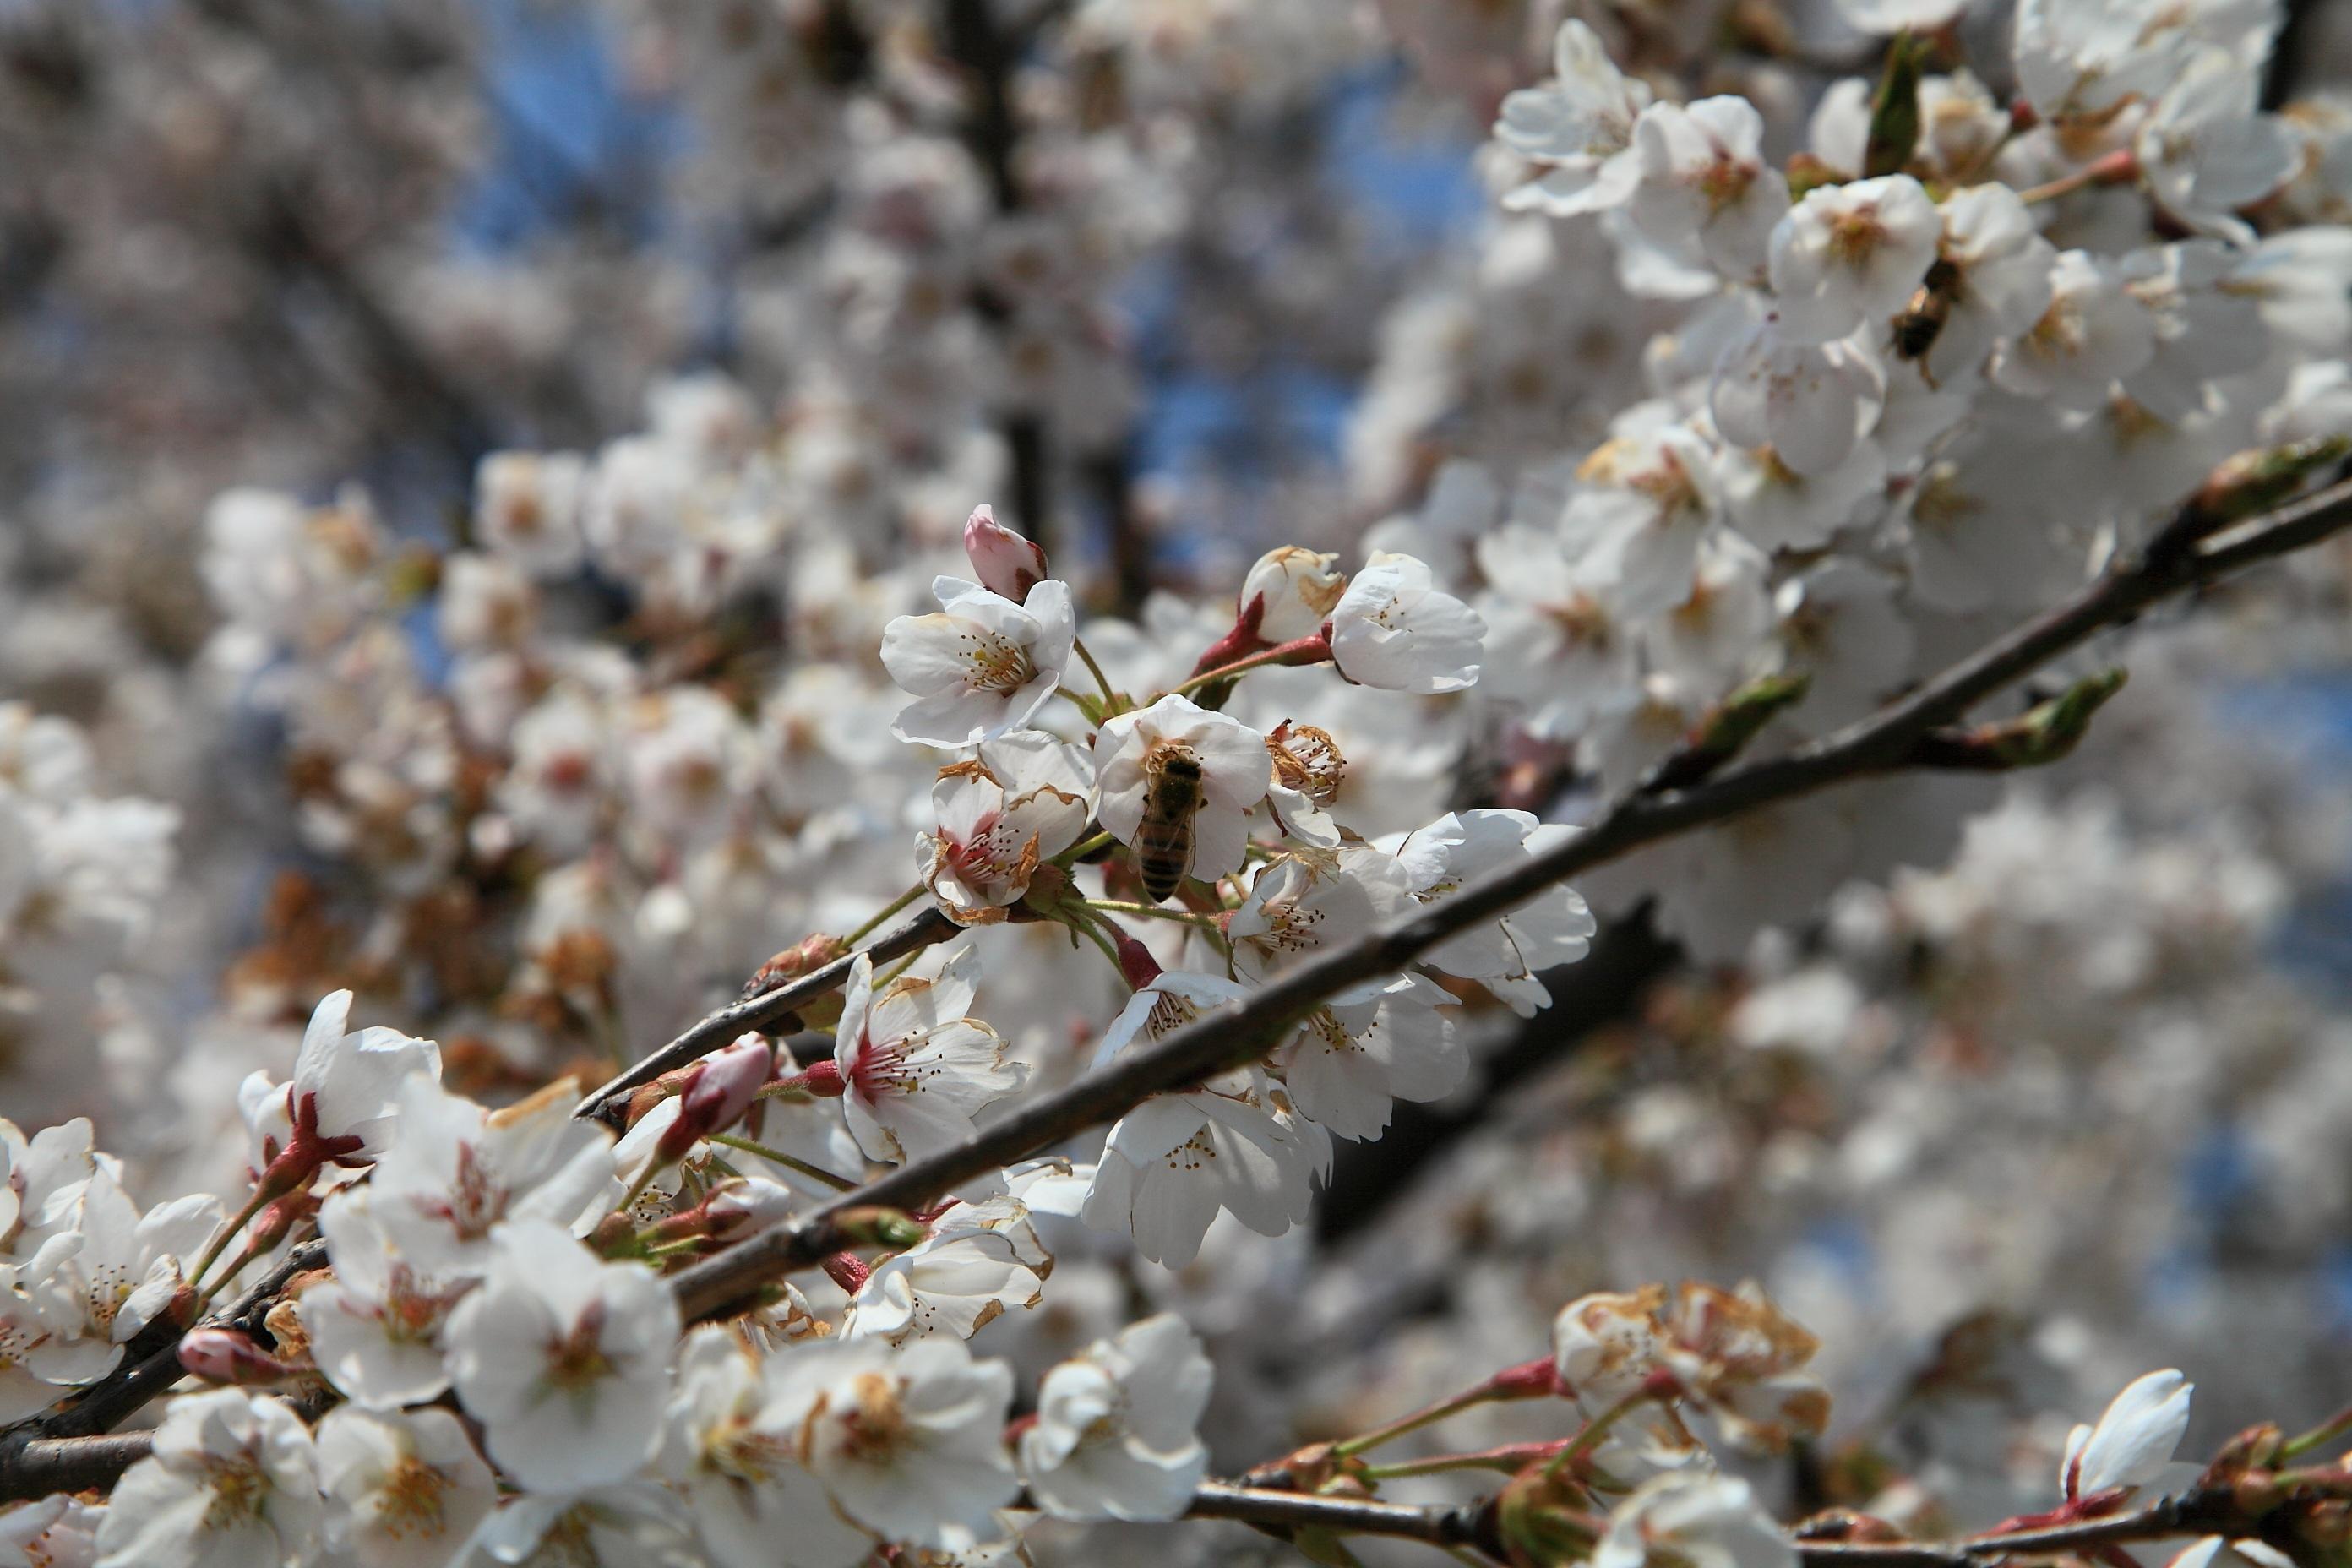 приезжают для фото весна в апреле когда все цветет этих очень